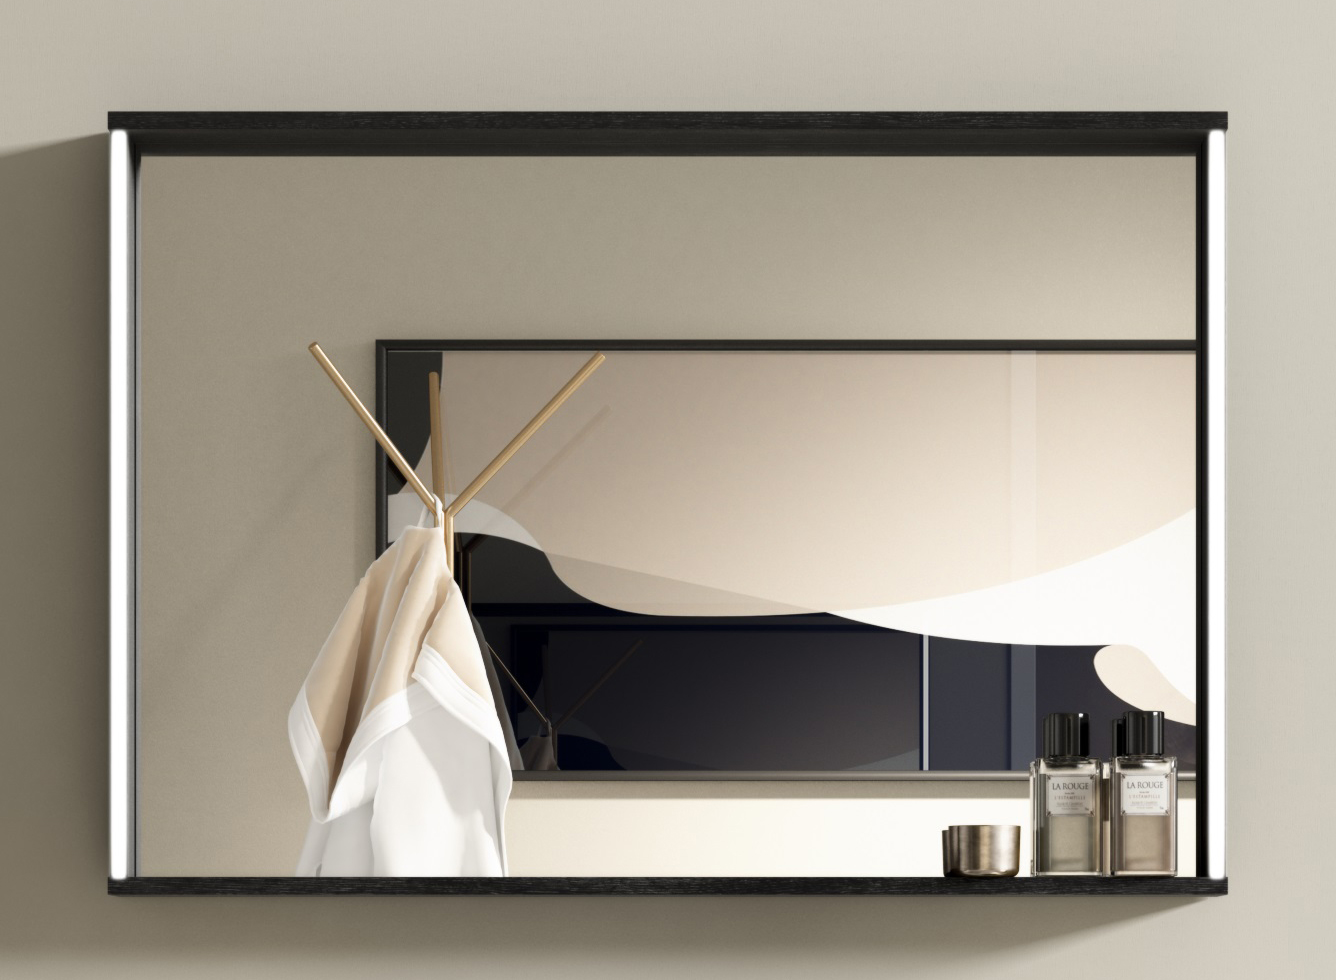 Thielsch Badmöbel Malaga Spiegel 123 x 73cm, Weiß Glanzlackiert